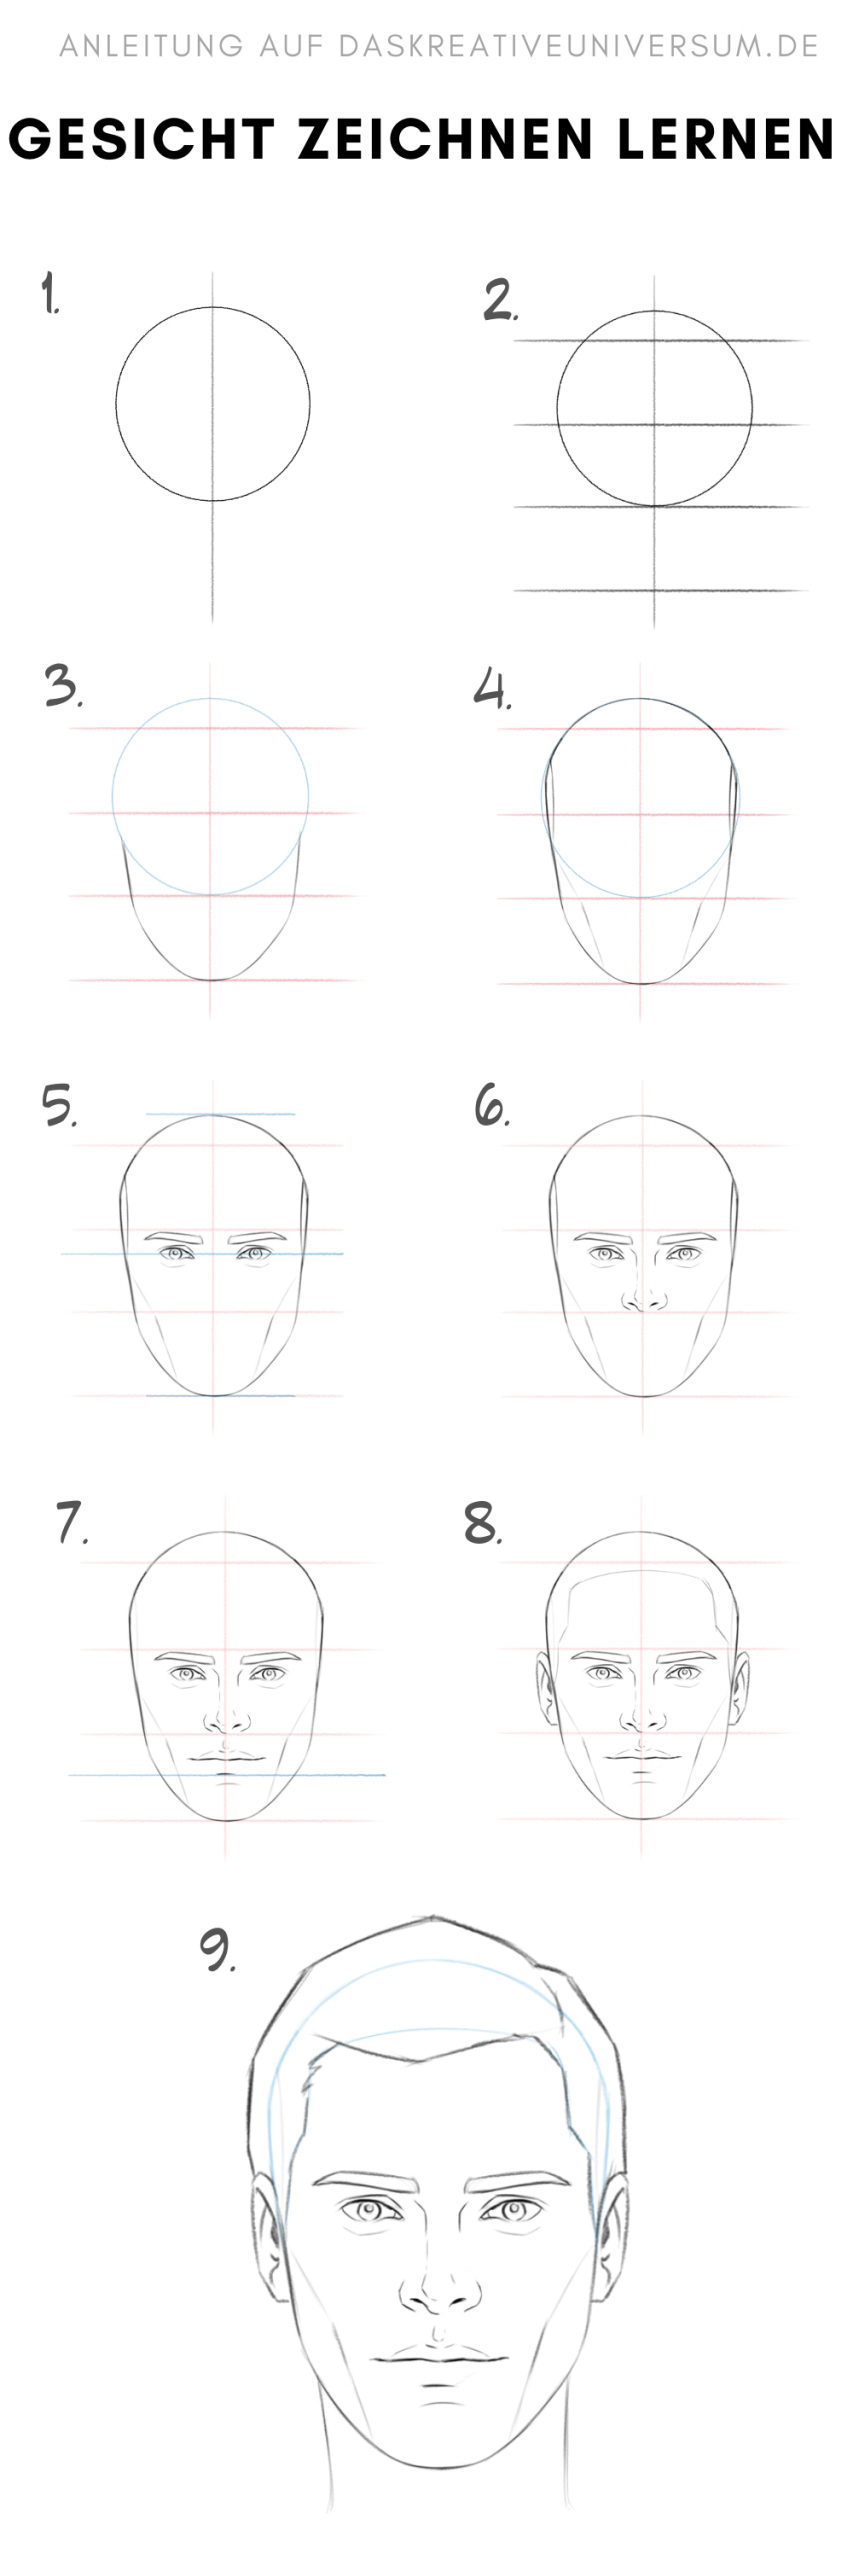 Gesicht Zeichnen Lernen Pdf In 2020 | Gesicht Zeichnen über Gesicht Zeichnen Anleitung